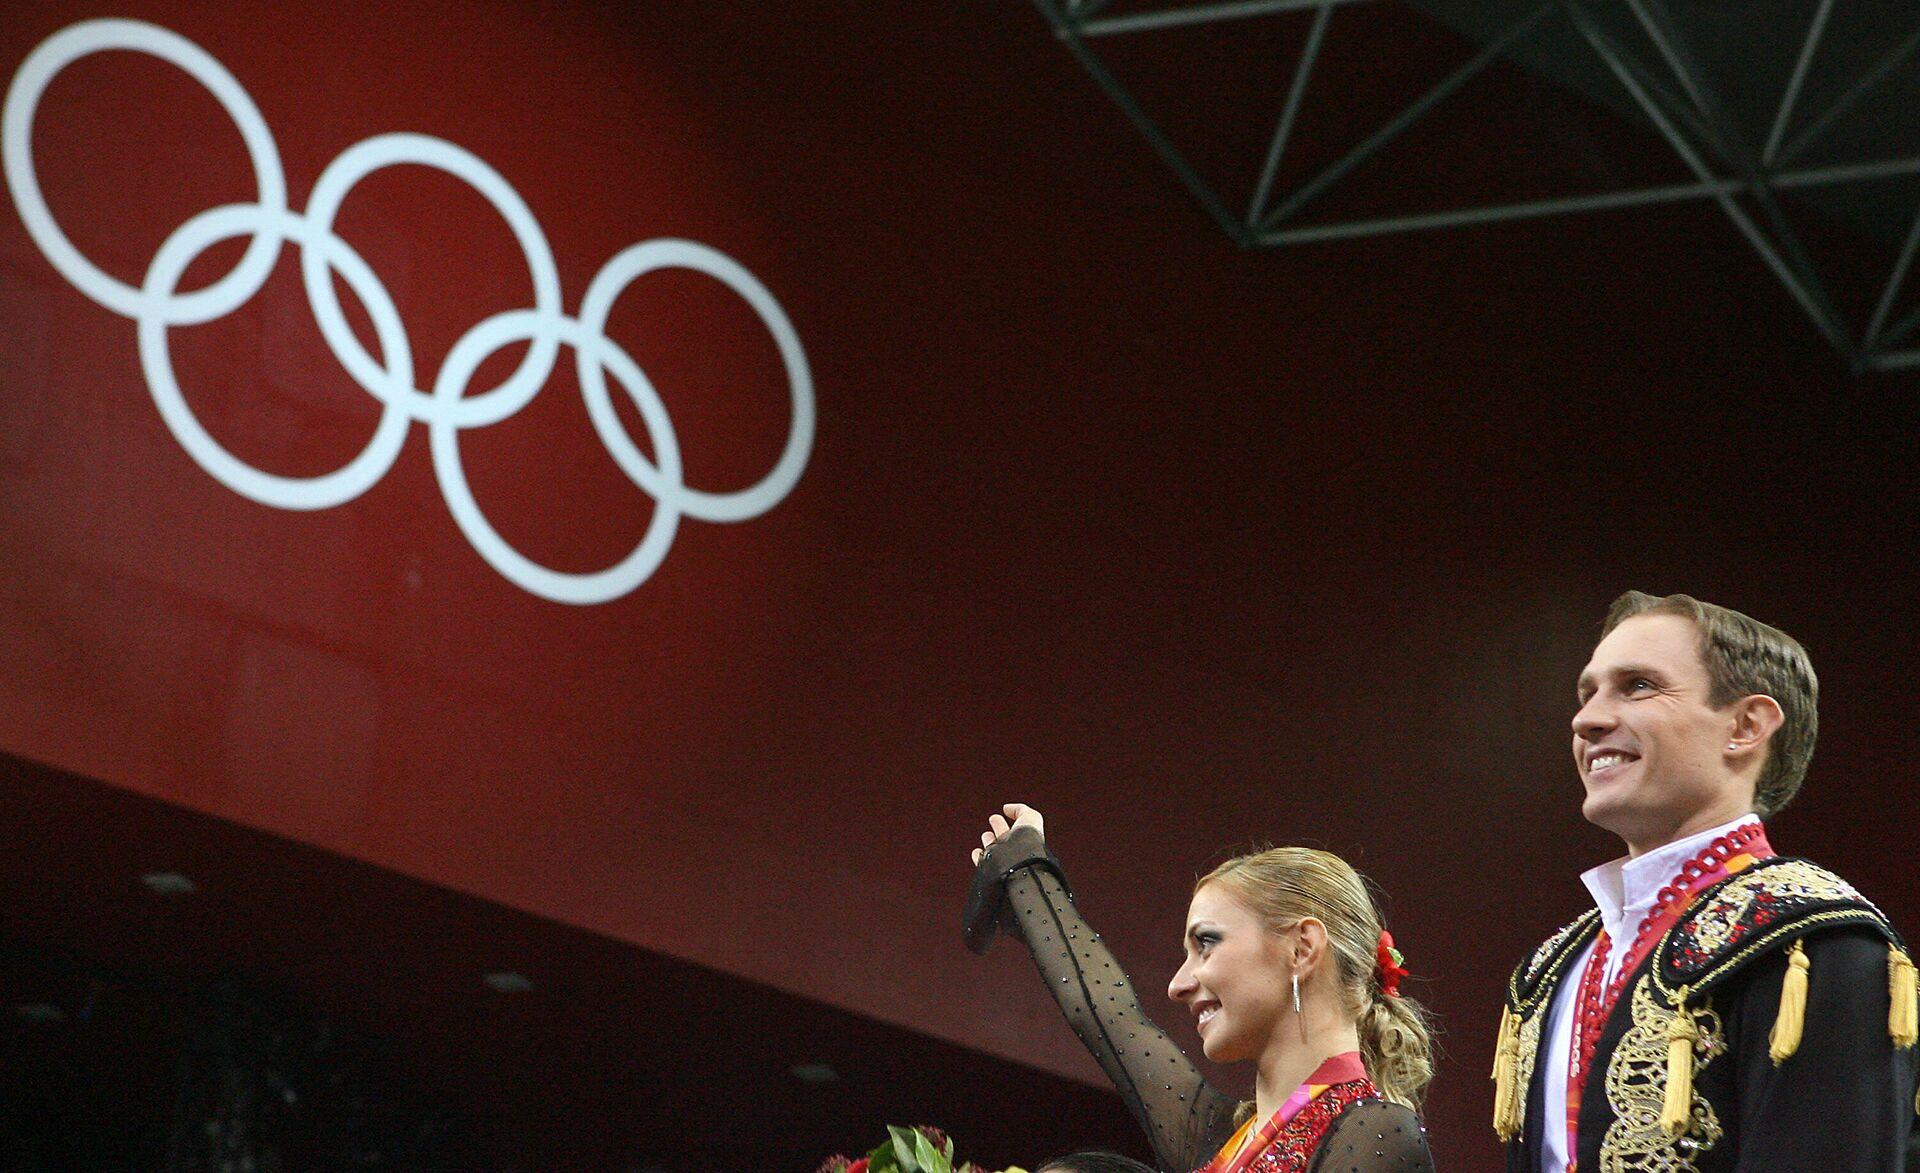 Татьяна Навка и Роман Костомаров после победы на Олимпийских играх в Турине - РИА Новости, 1920, 08.02.2021